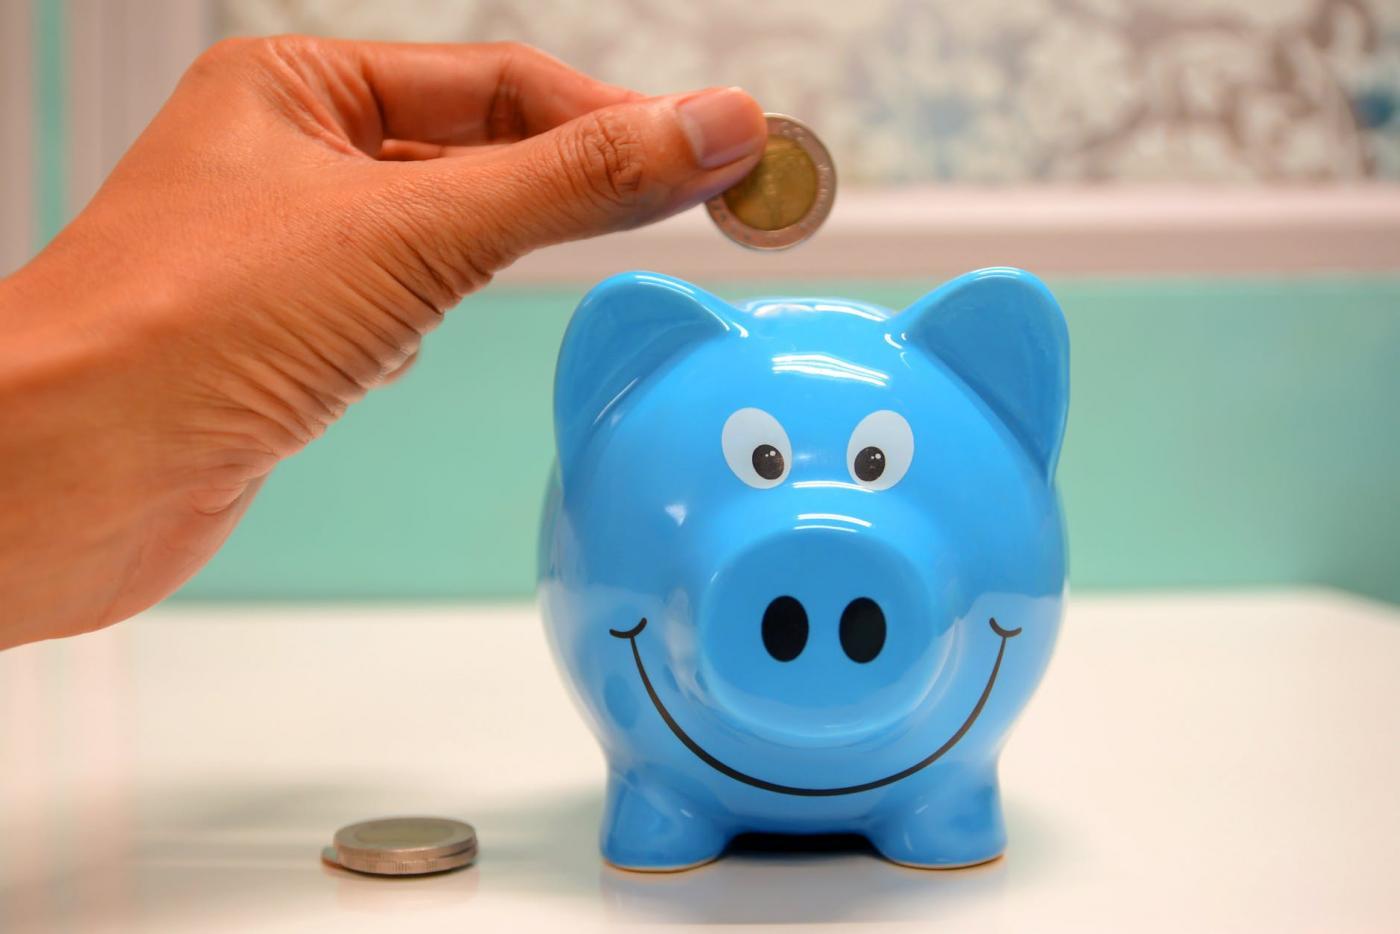 Co z kredytami w dobie koronawirusa? Ranking kredytów